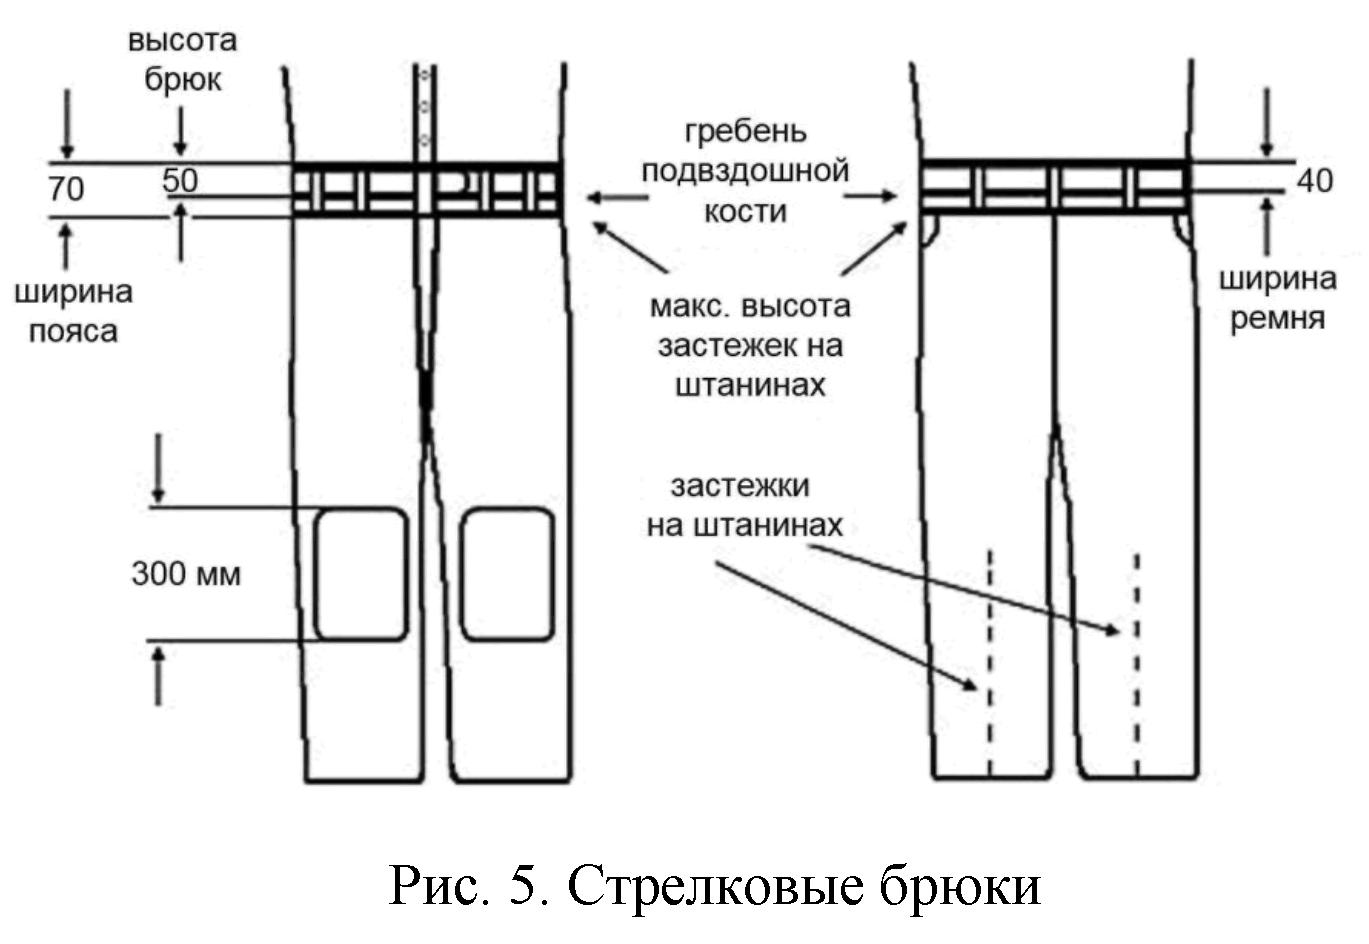 Верхний край стрелковых брюк (Рис. 5) должен быть не выше чем в 50 мм над  гребнем подвздошной кости. 2484d1612fd